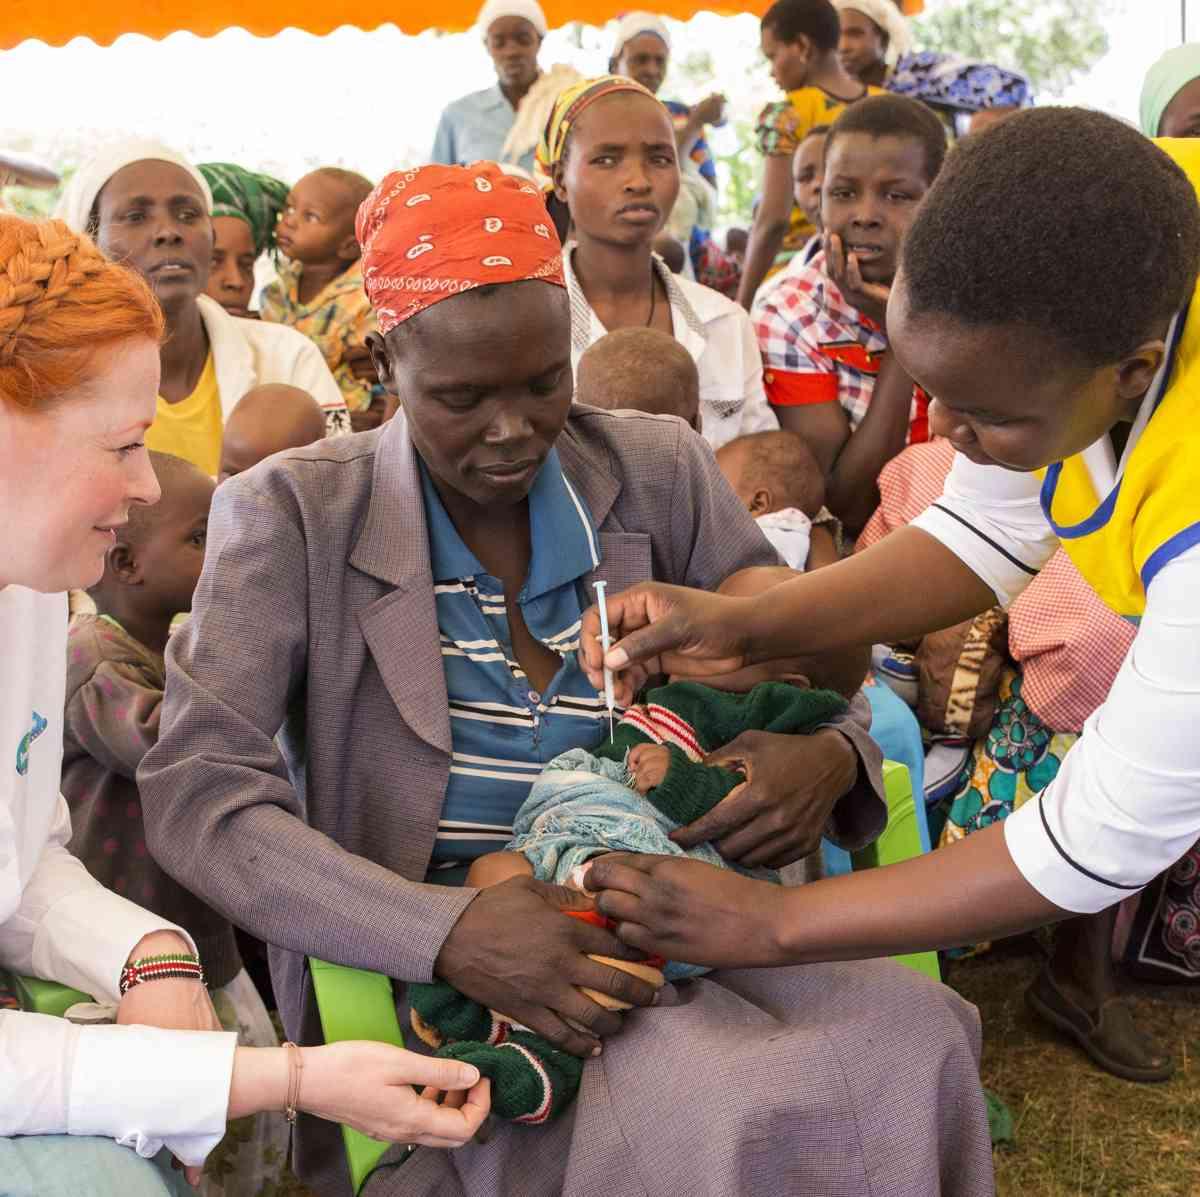 Anzeige – mit Pampers für UNICEF lebensrettende Impfungen zur Verfügung stellen